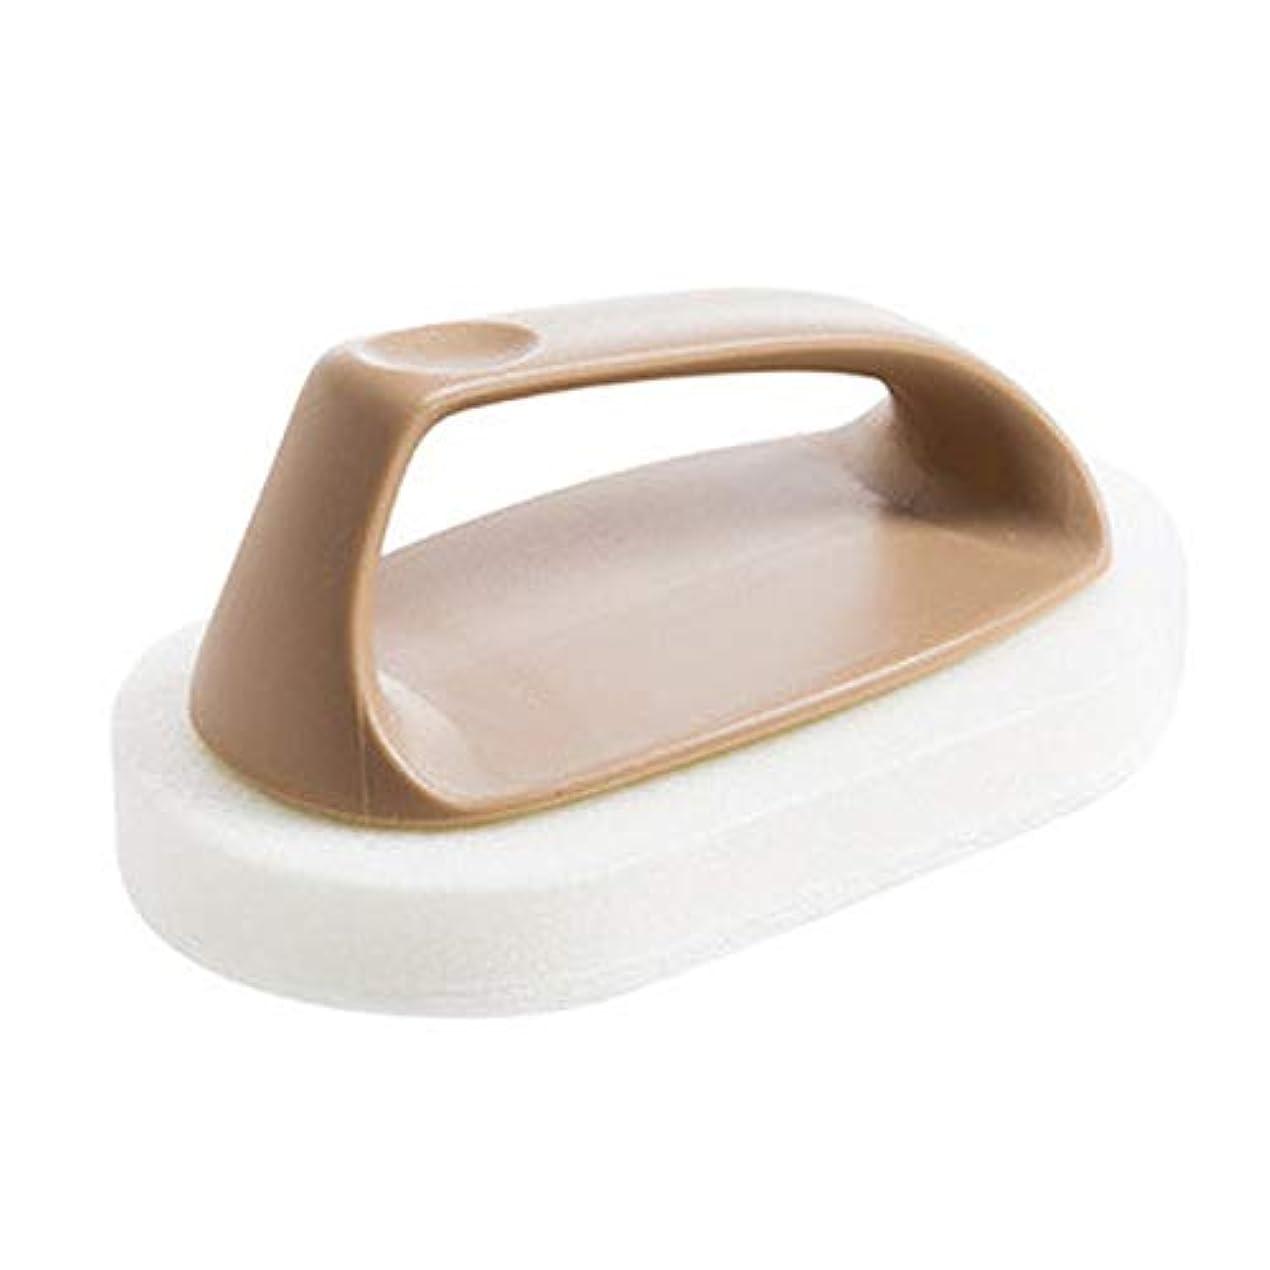 ポアクリーニング スポンジバスバスルーム強力な汚染除去タイルキッチンウォッシュポットクリーニングブラシストーブスポンジ2 PC マッサージブラシ (色 : 褐色)